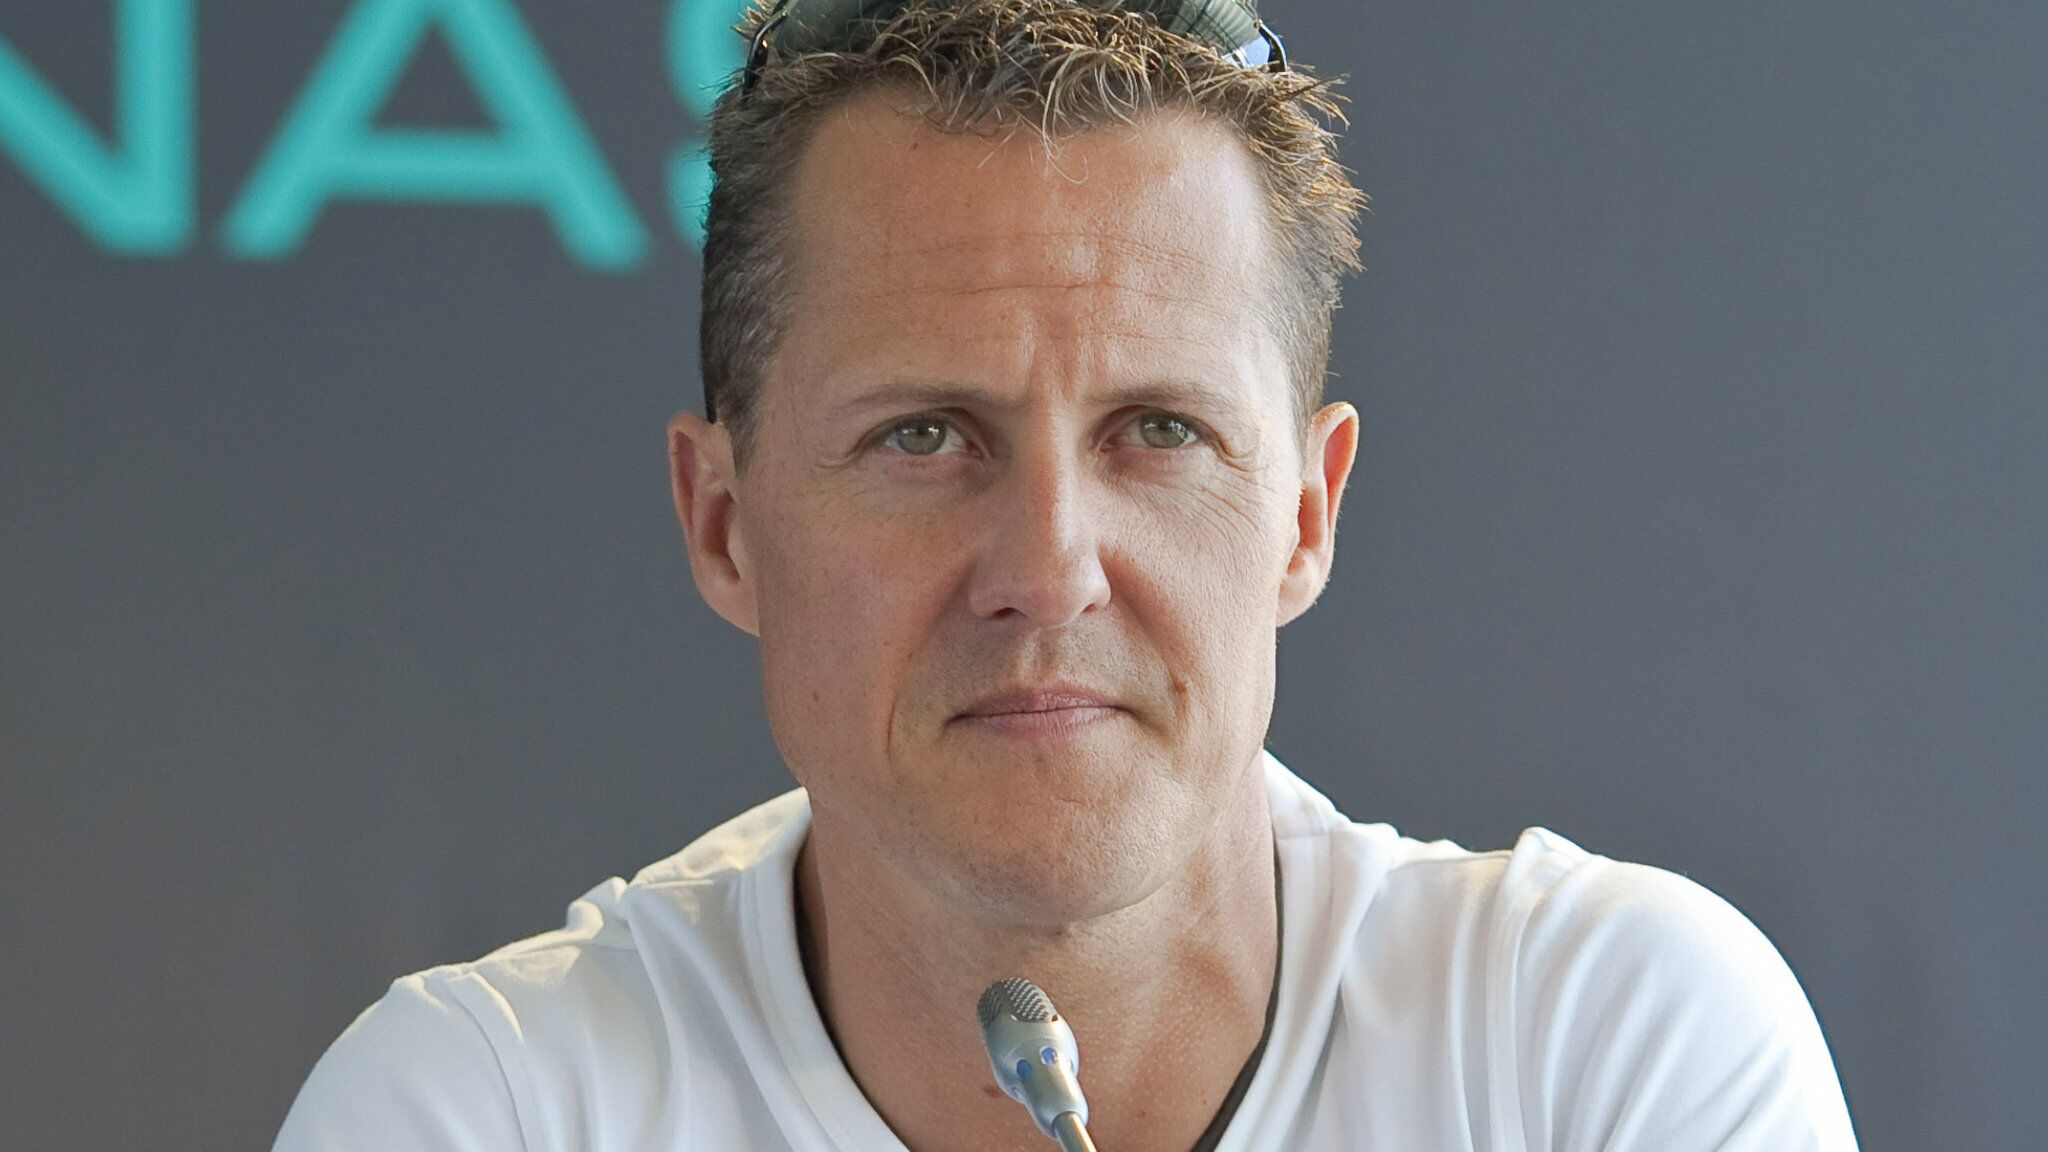 Michael Schumacher : un ancien coéquipier critique le côté humain du champion de Formule 1